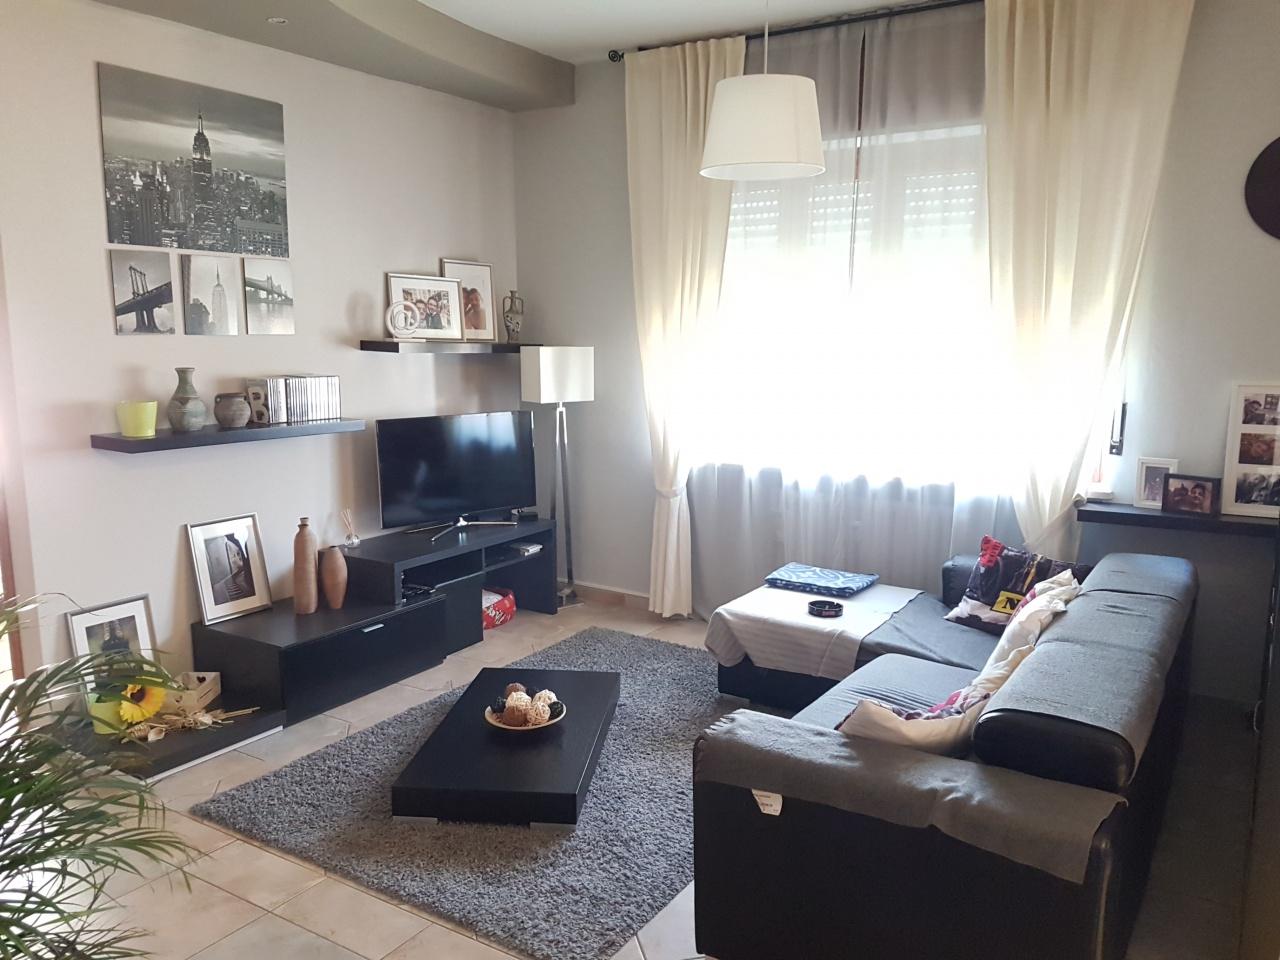 Appartamento in vendita a Favria, 3 locali, prezzo € 75.000 | CambioCasa.it